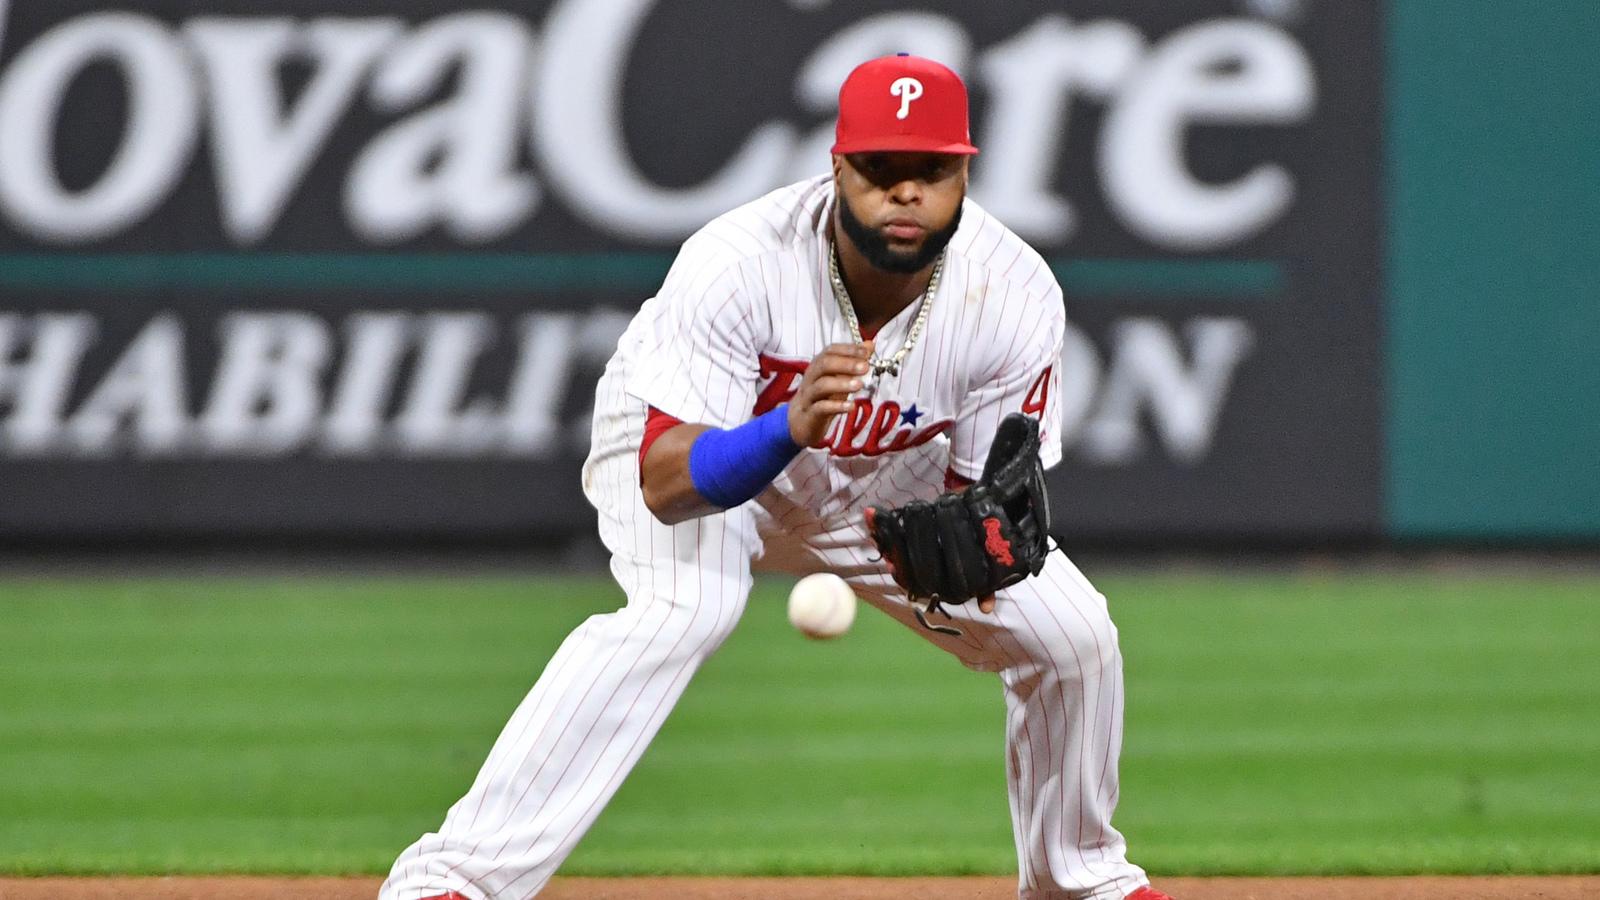 Phillies may consider moving Carlos Santana to third base